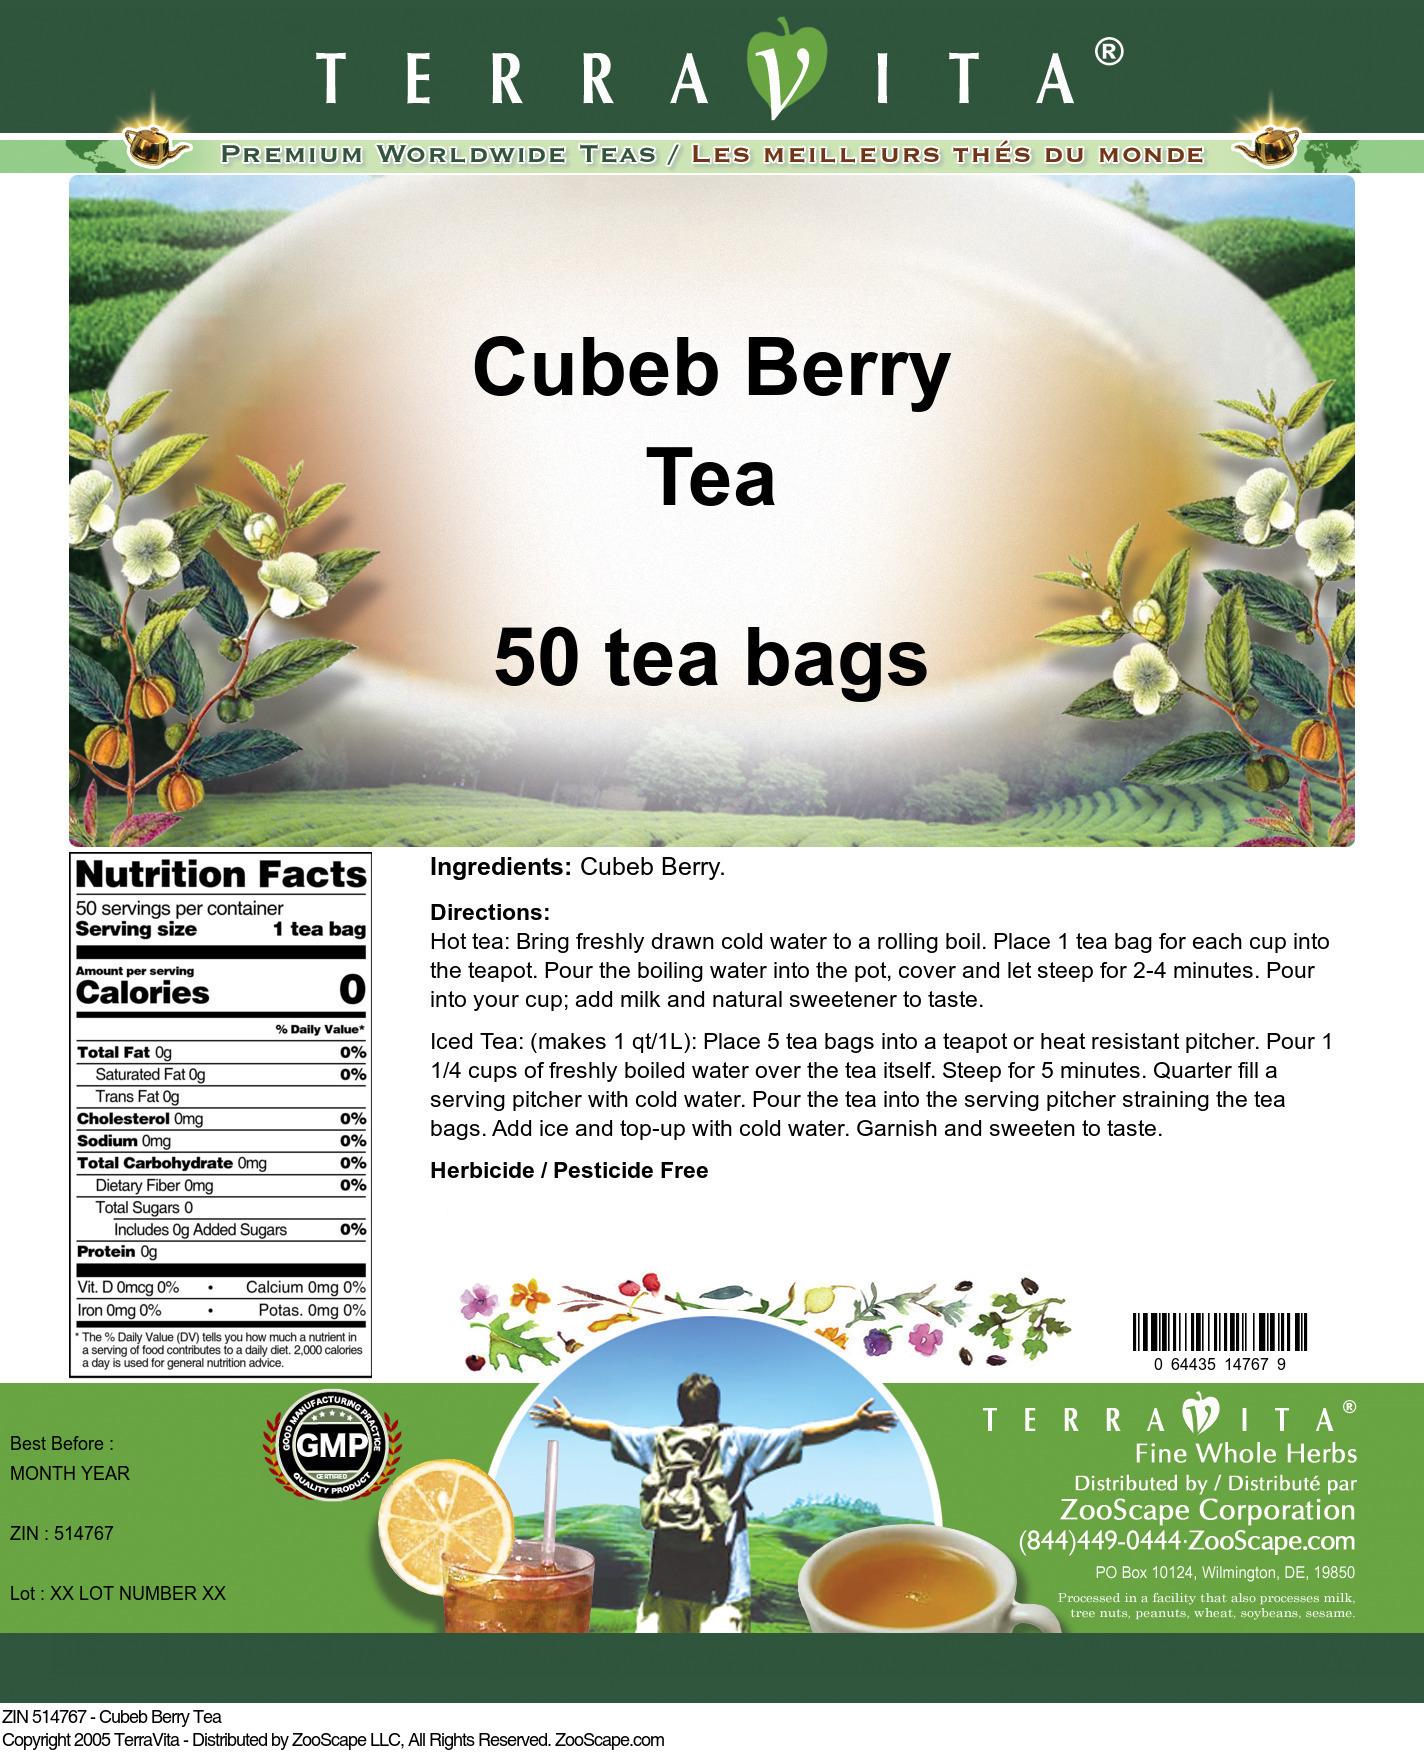 Cubeb Berry Tea